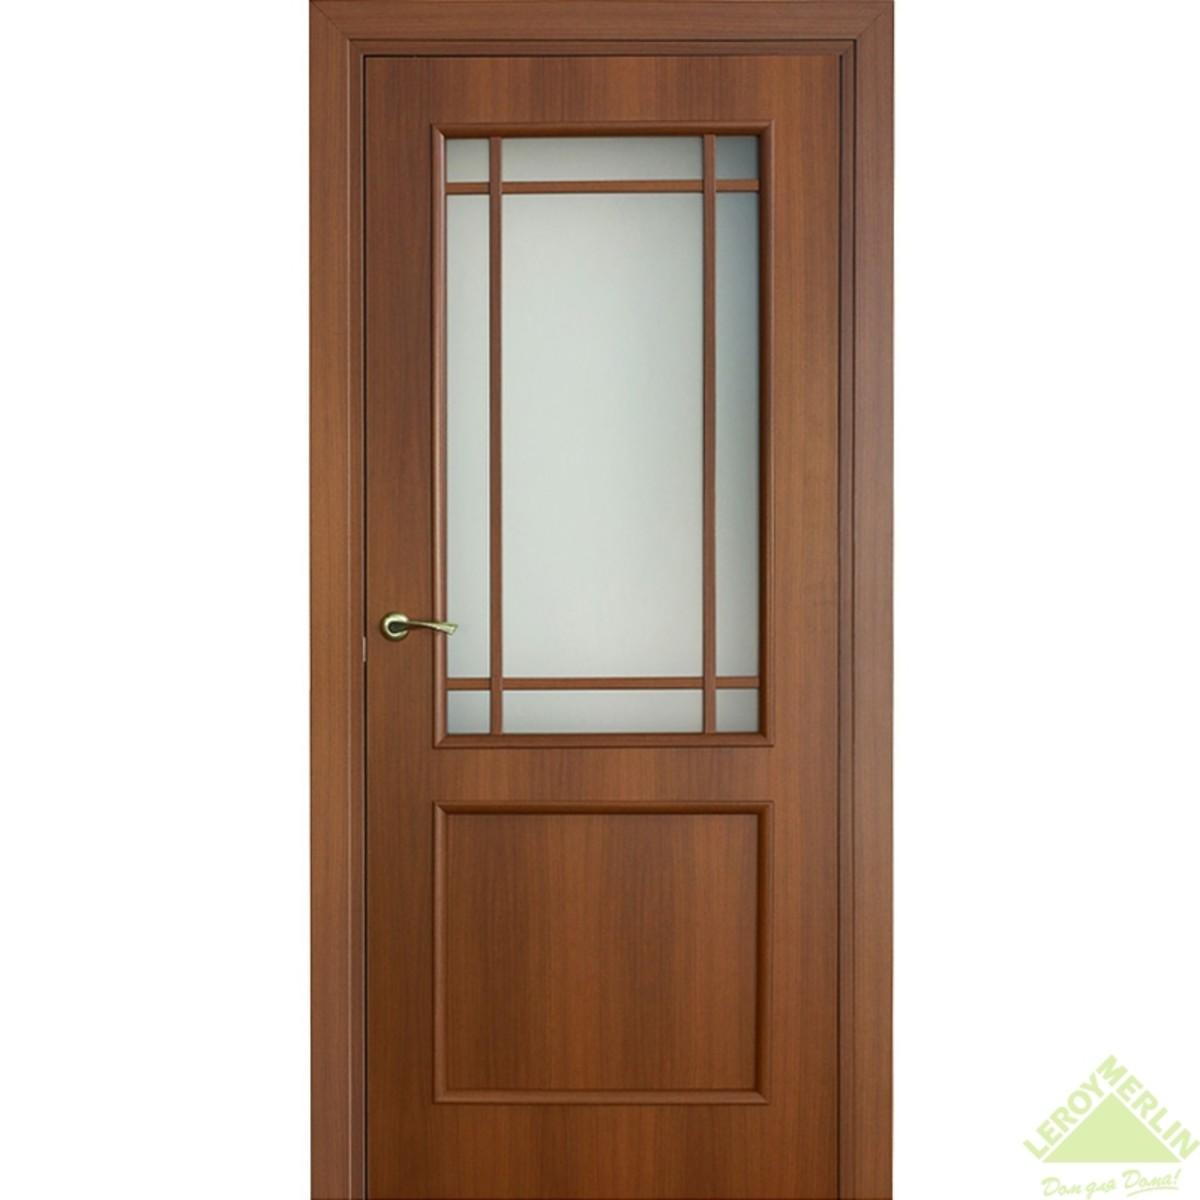 Дверь межкомнатная остеклённая Фортунато Классика 70x200 см ламинация цвет орех